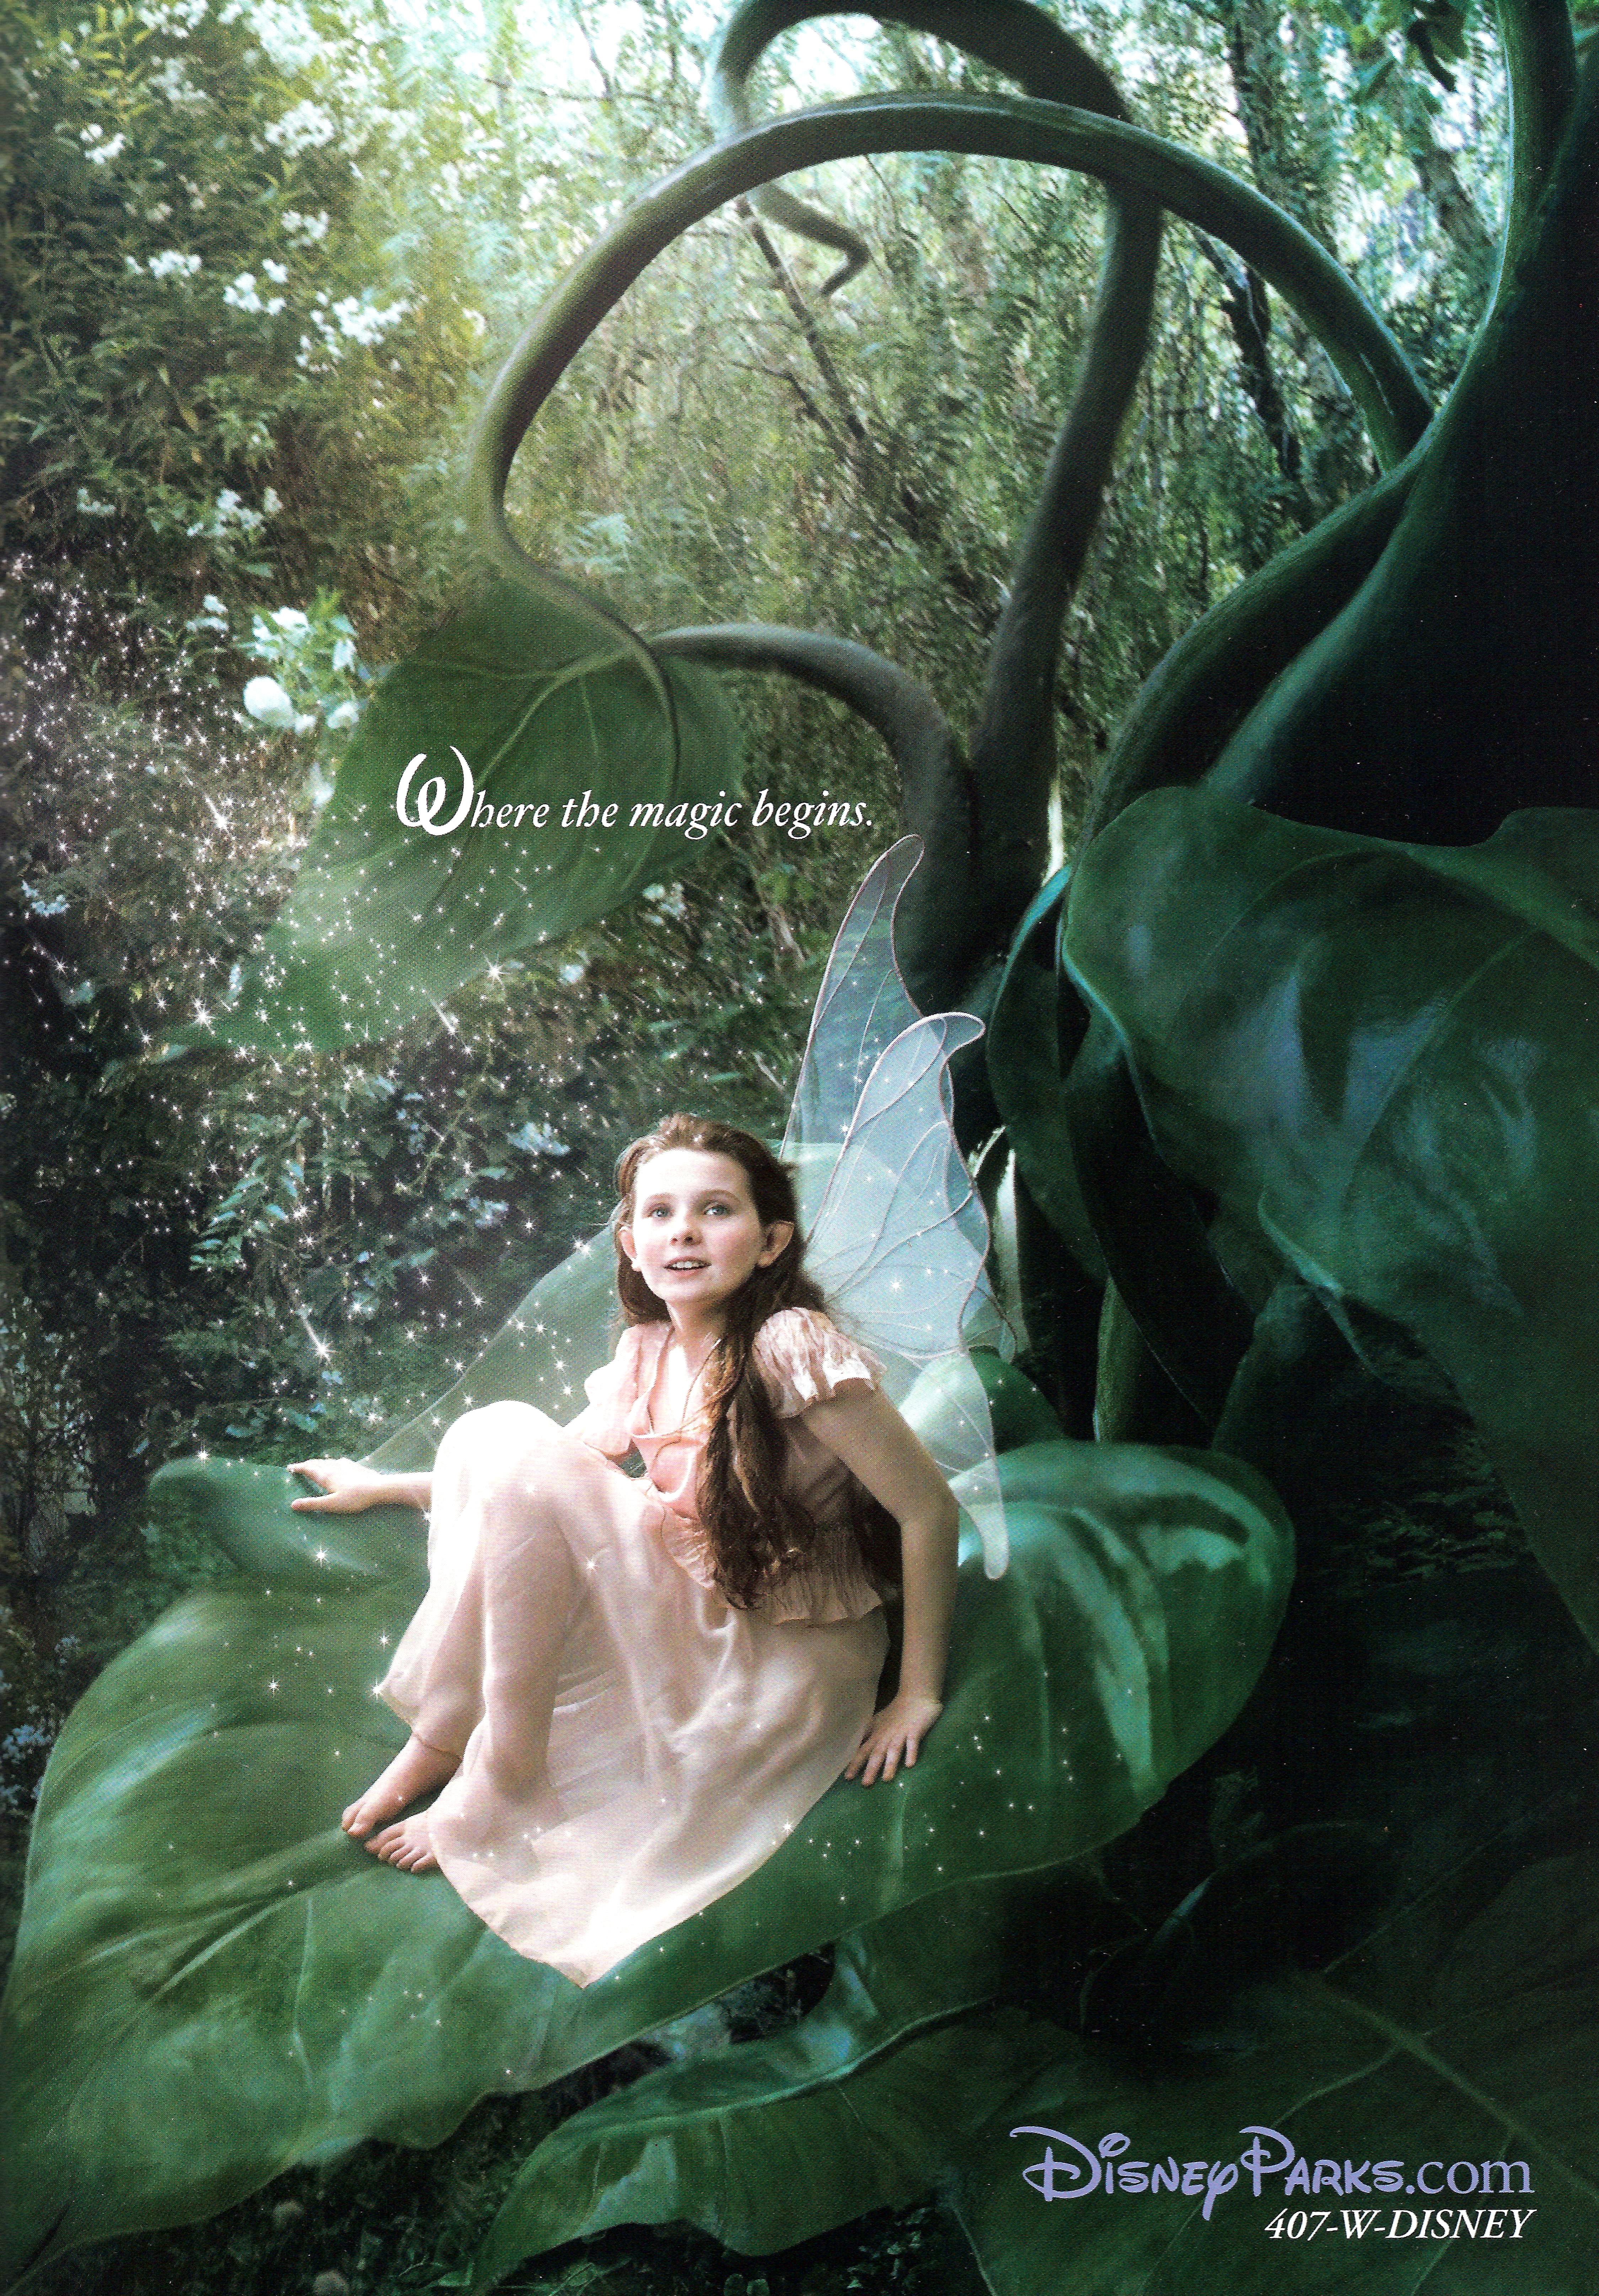 Annie Lebovitz photoshoots